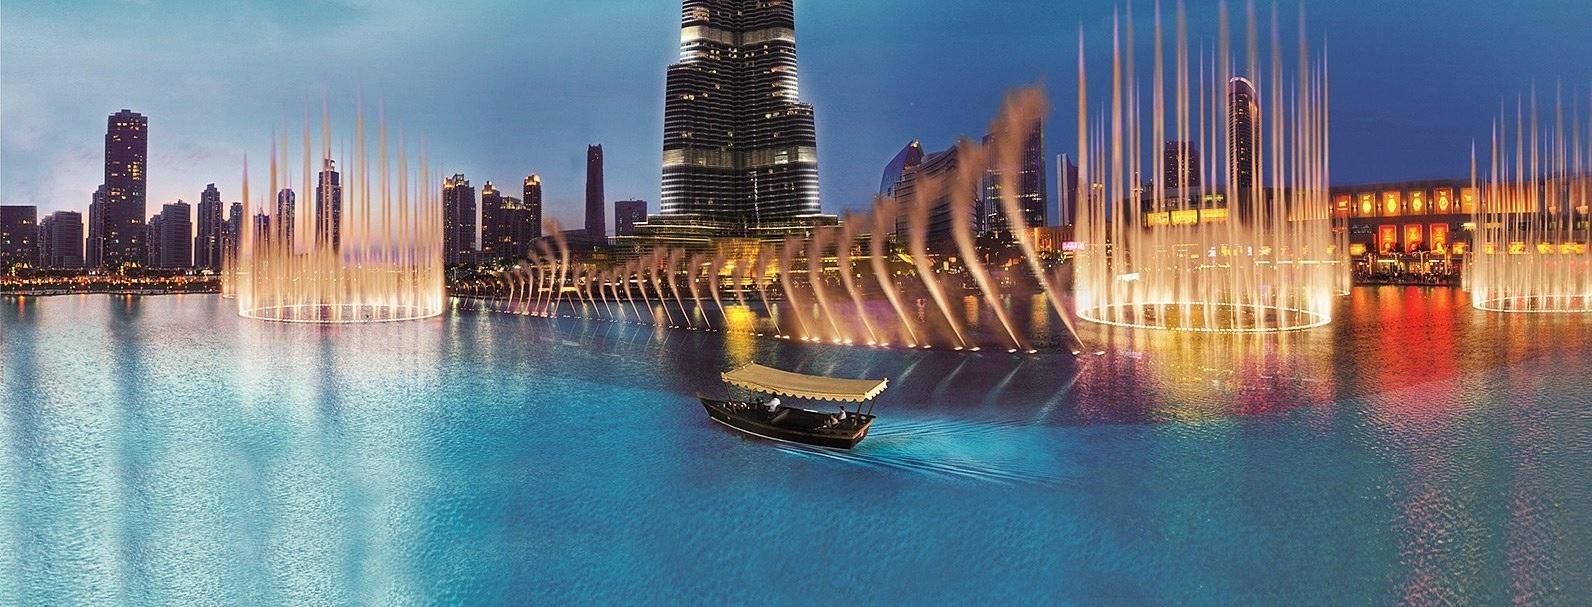 Уникальный Дубай (обзорная)